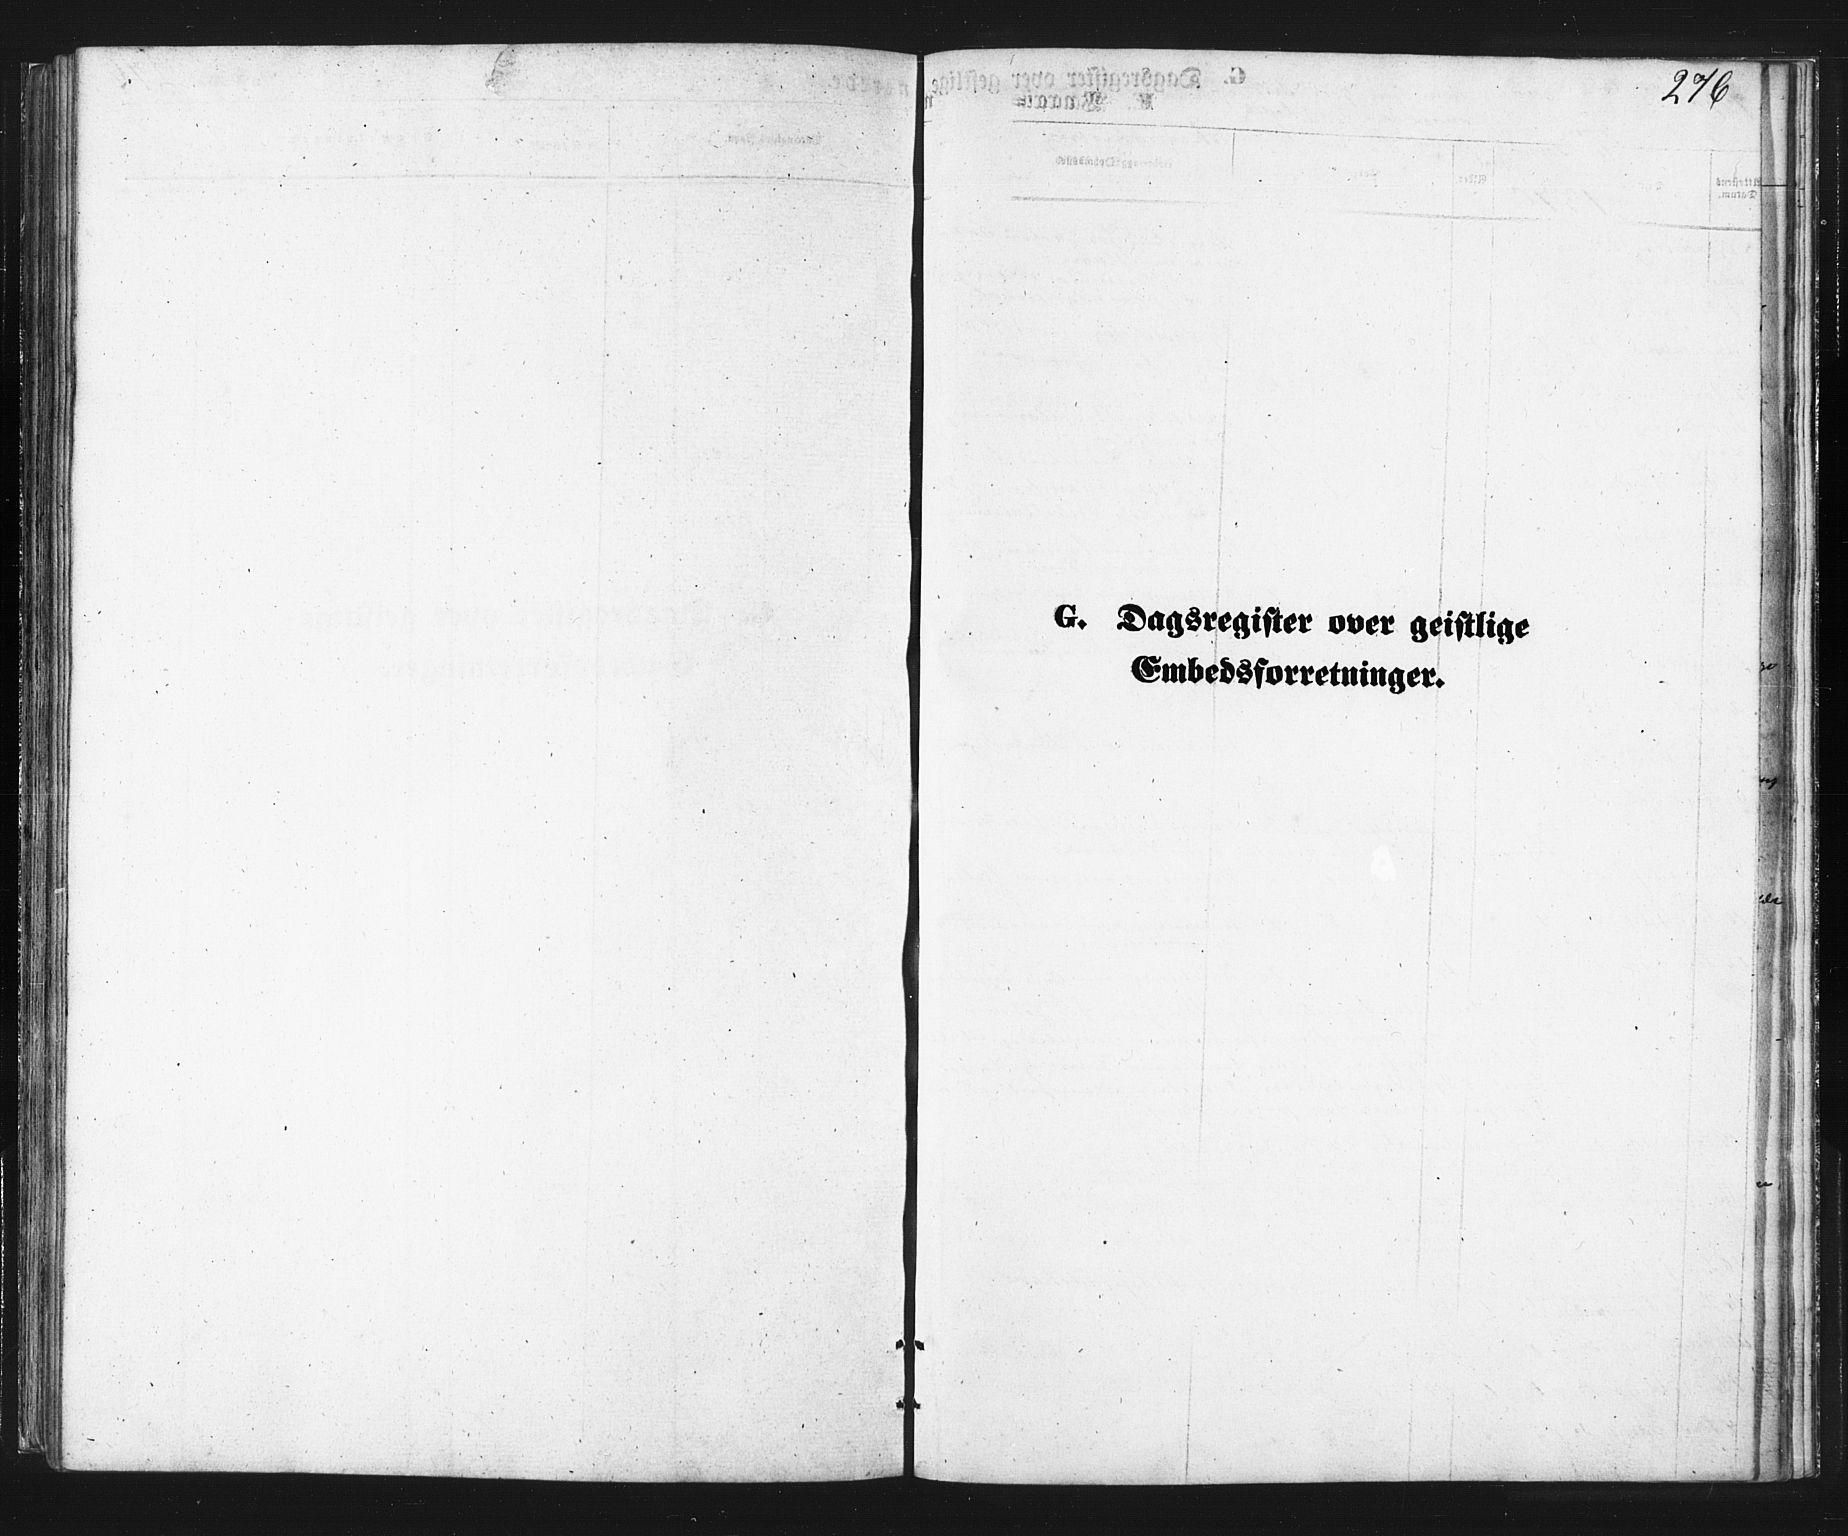 SATØ, Balsfjord sokneprestembete, Klokkerbok nr. 2, 1870-1886, s. 276